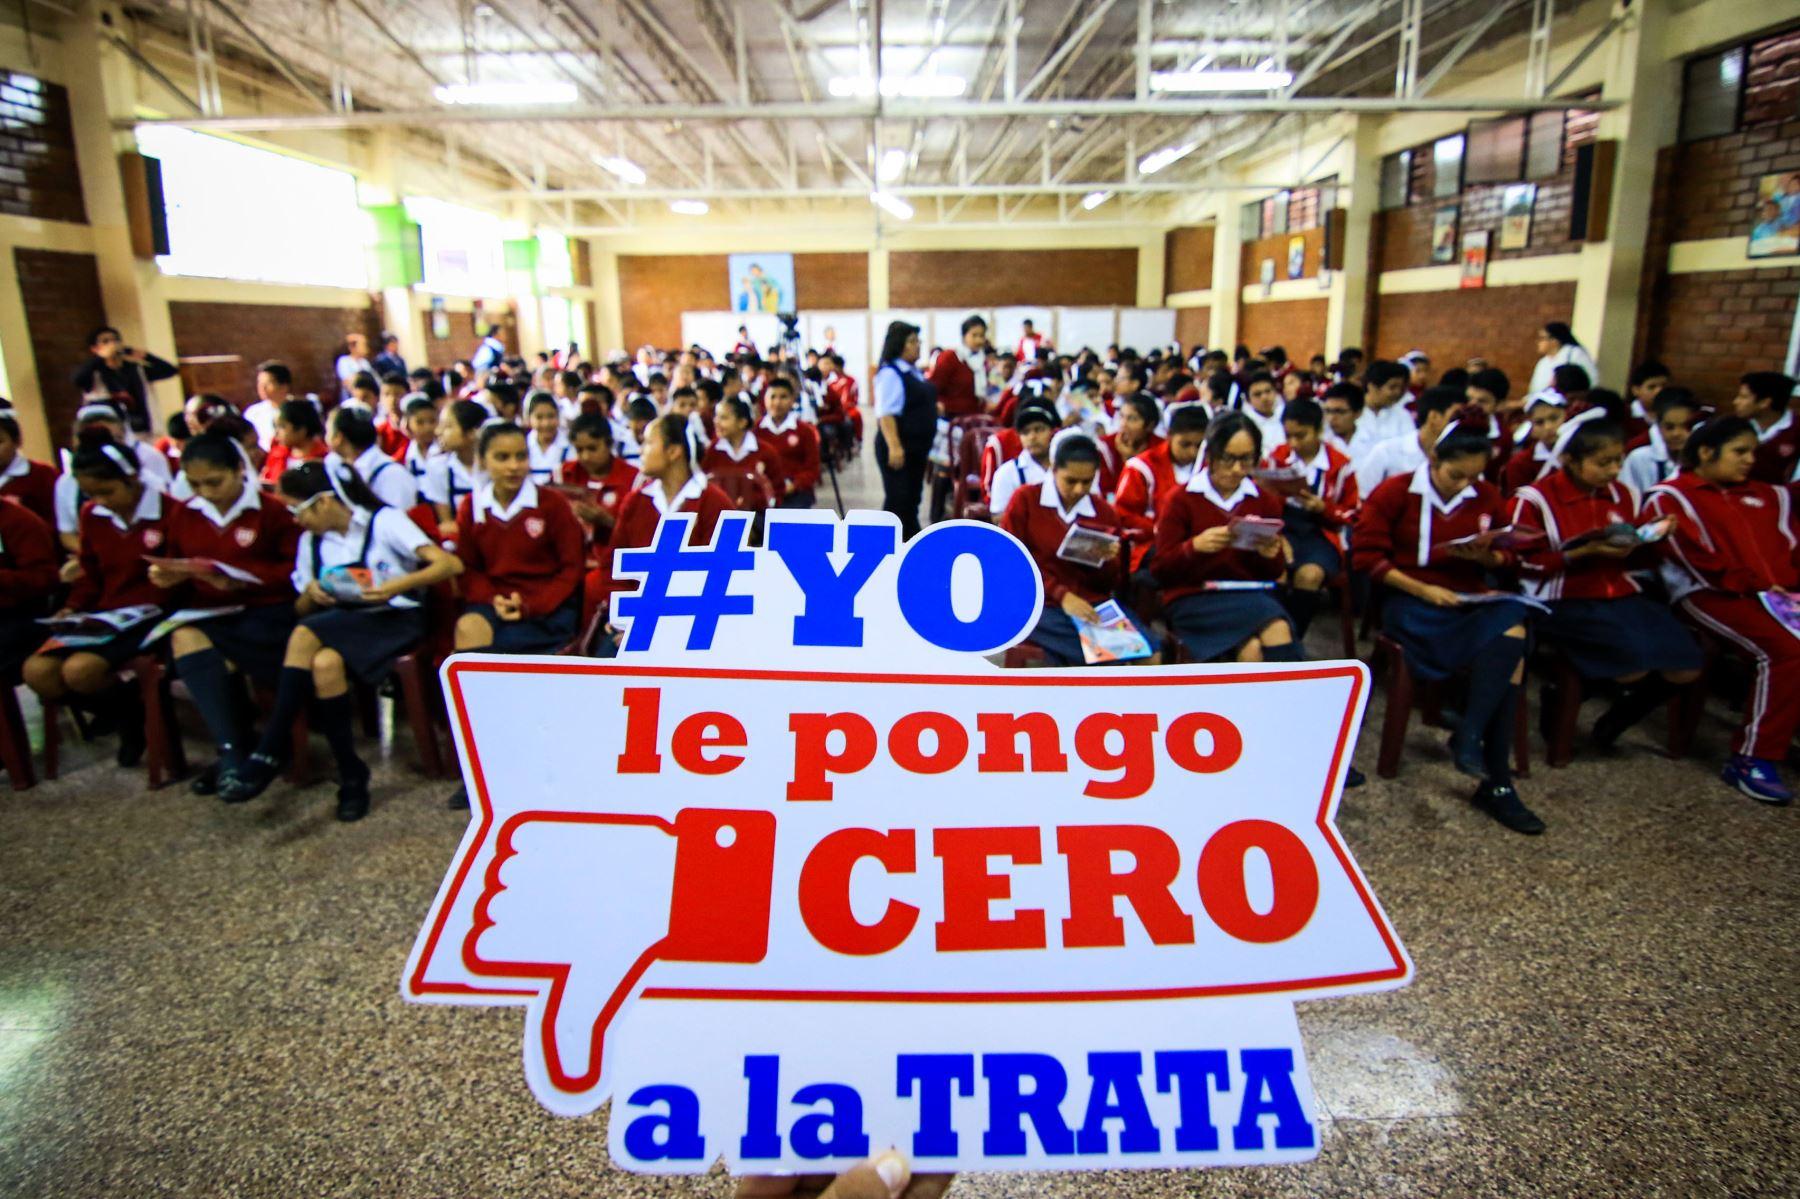 Ministerio de Justicia sigue desarrollando campañas preventivas contra la trata. Foto: Andina/Difusión